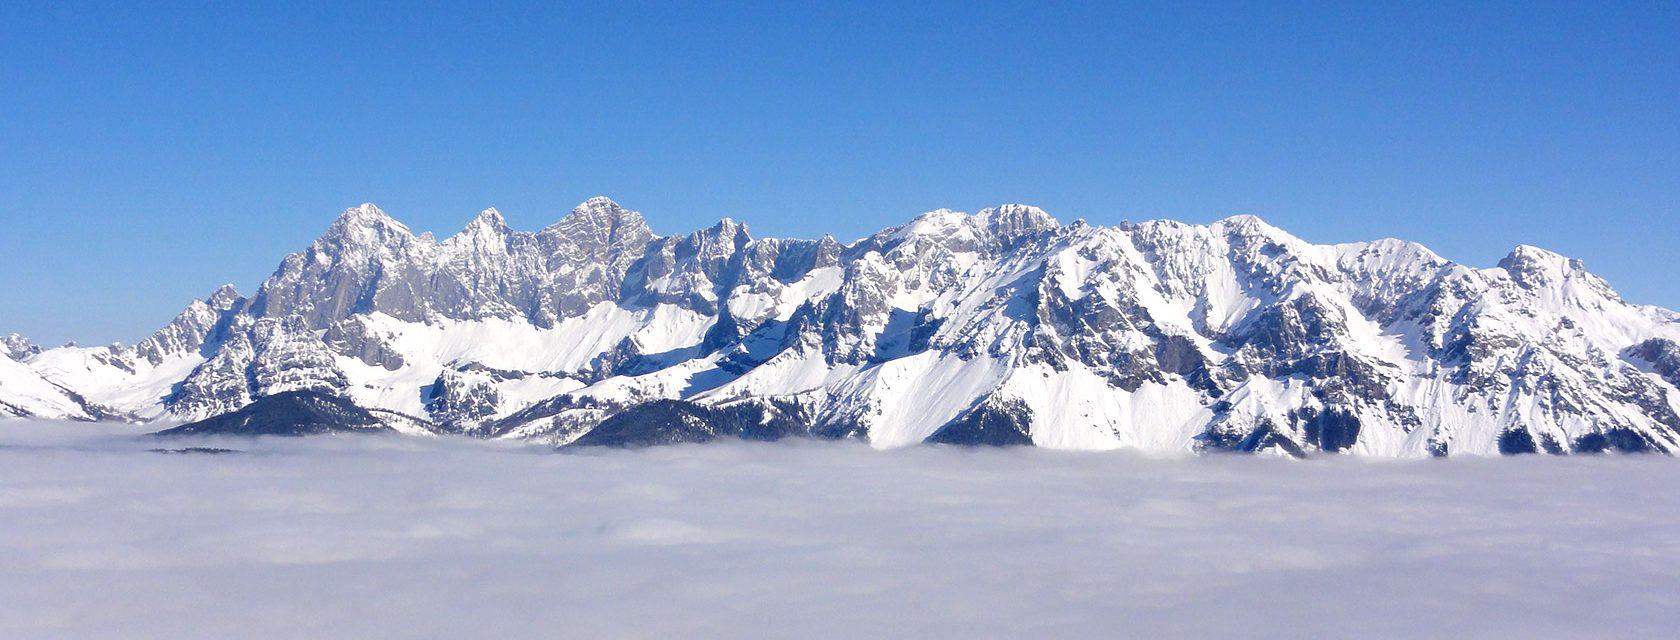 Dachstein Winter Panorama